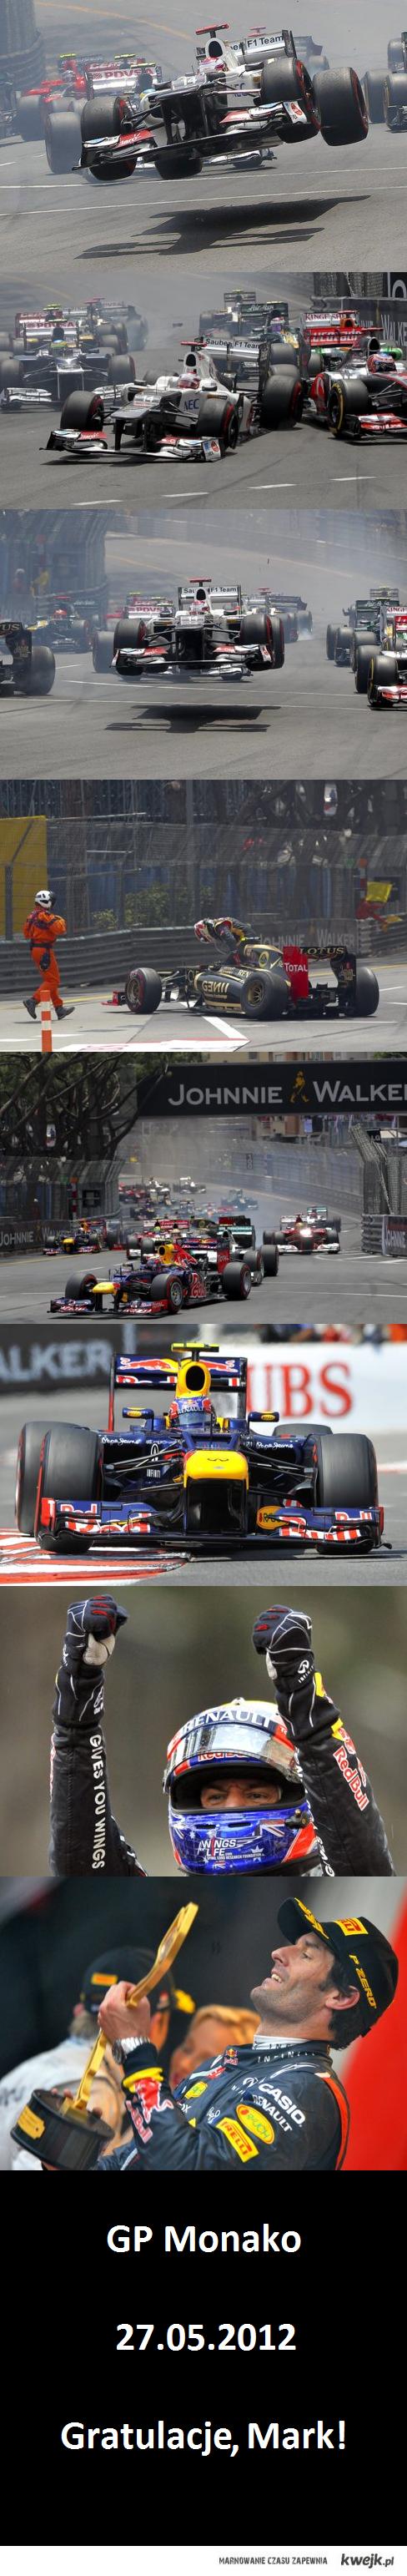 GP Monako 27.05.2012